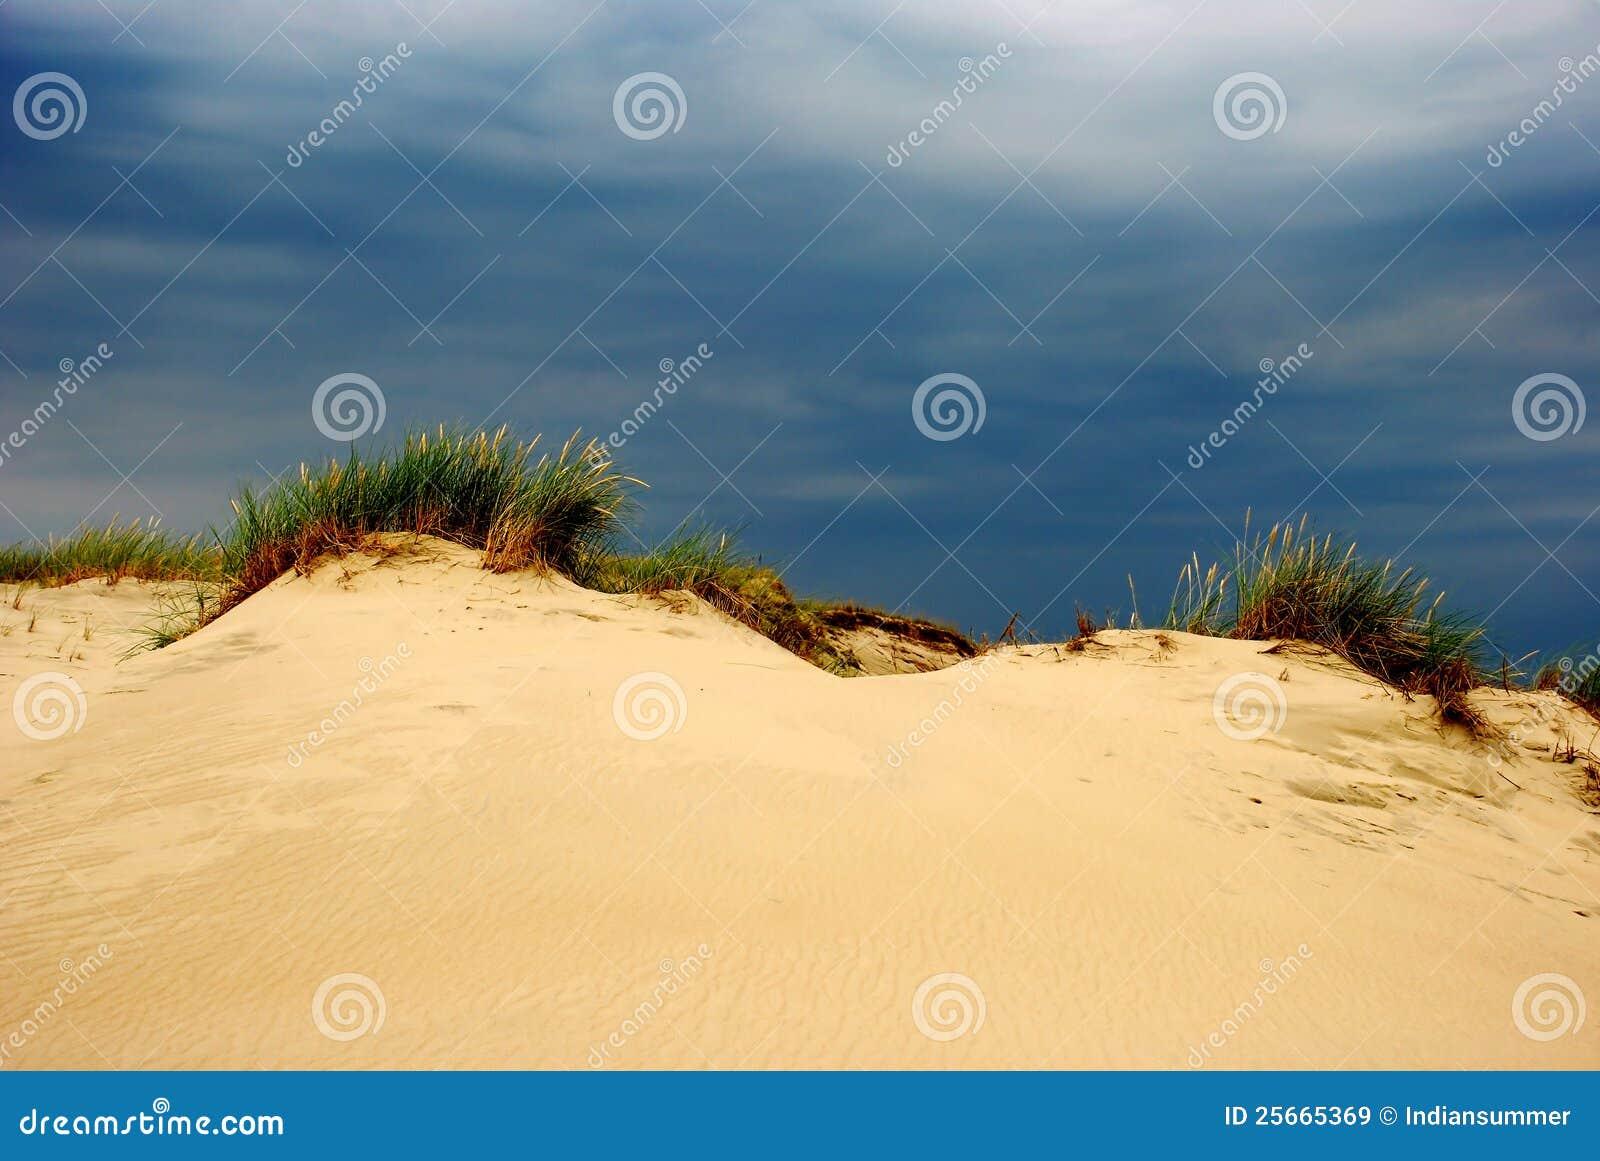 Verão nas dunas